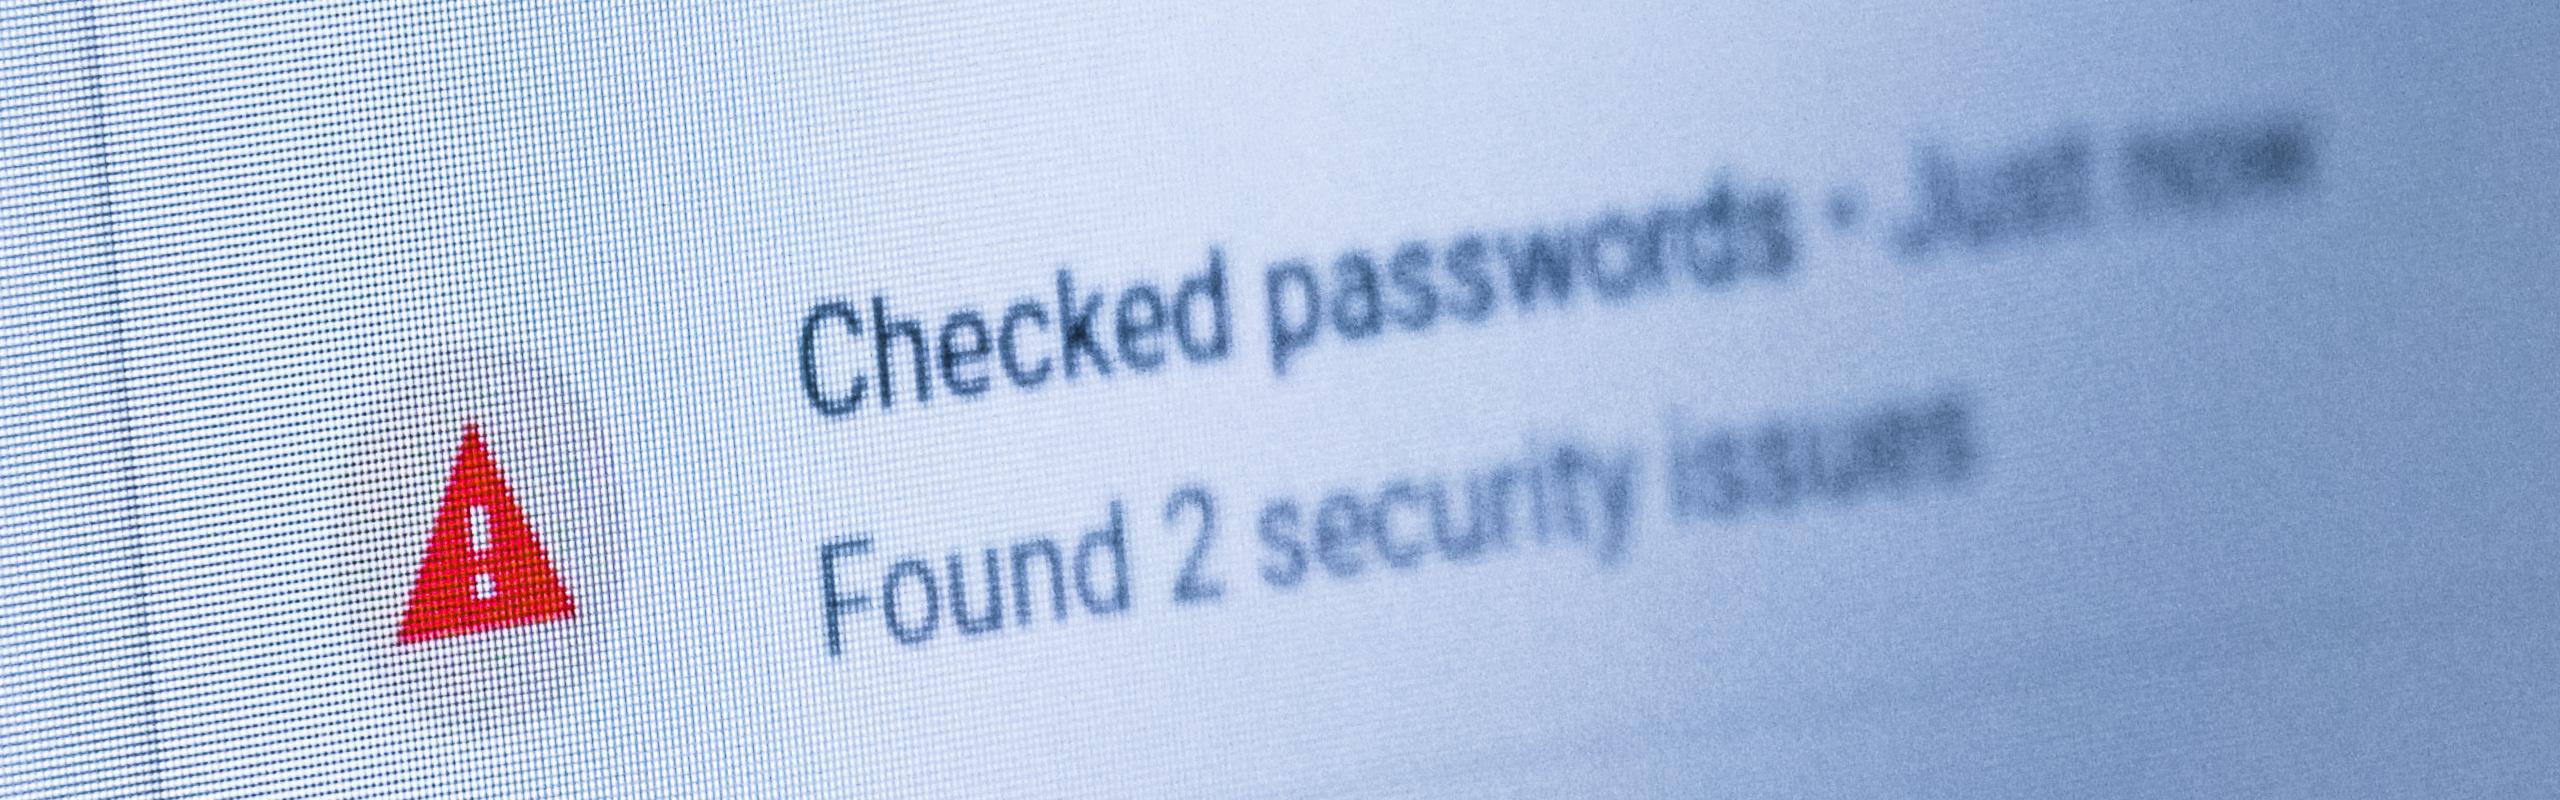 Wachtwoordmanagers met waarschuwingen - Achtergrond - Tweakers